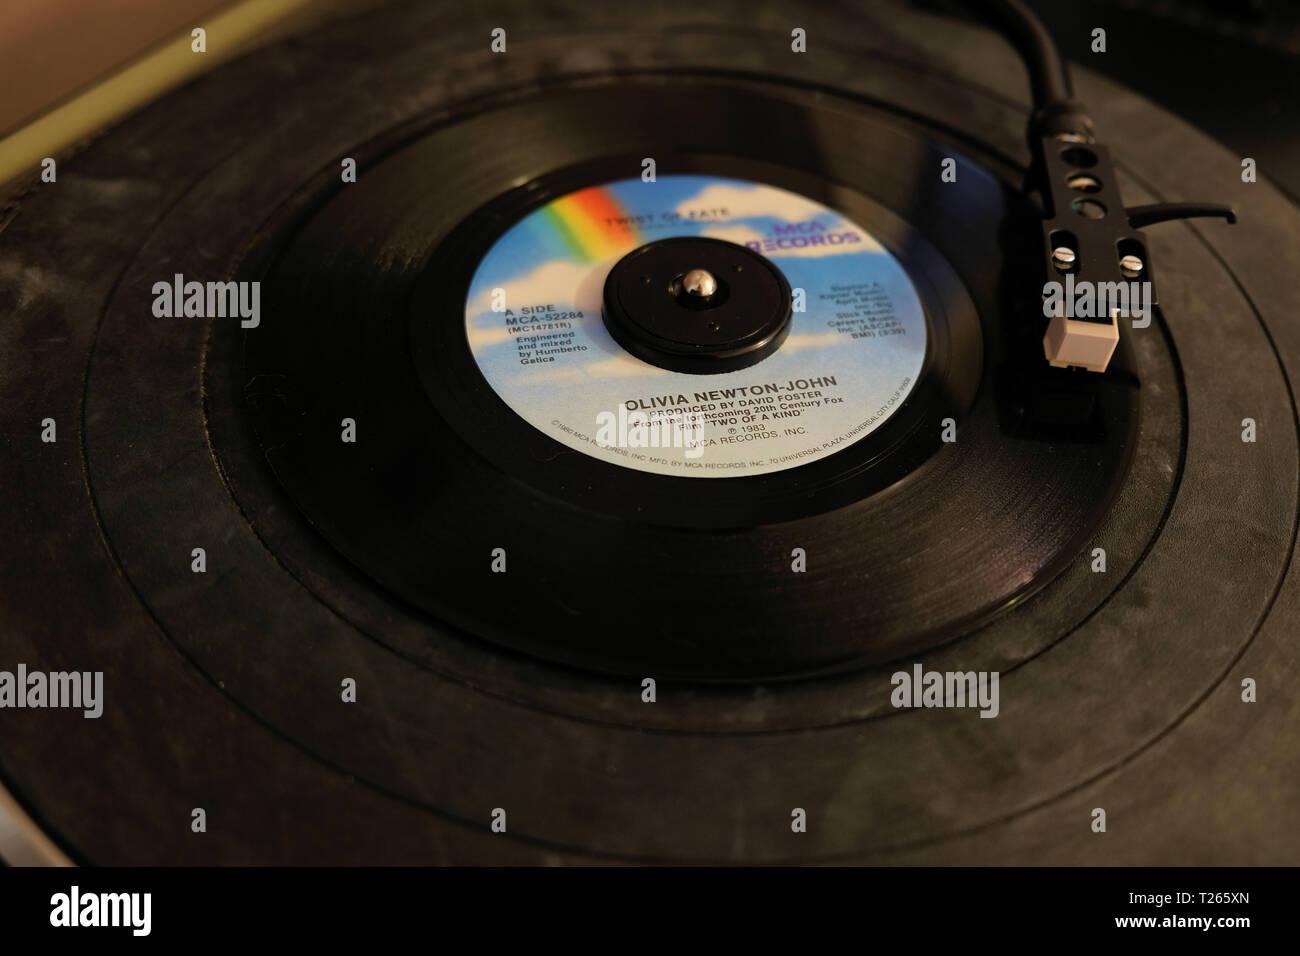 """45 TR/MIN Disque vinyle de Olivia Newton-John's song """"coup du sort"""" publié en 1983 par MCA Records; sur une platine, tourne-disque. Photo Stock"""